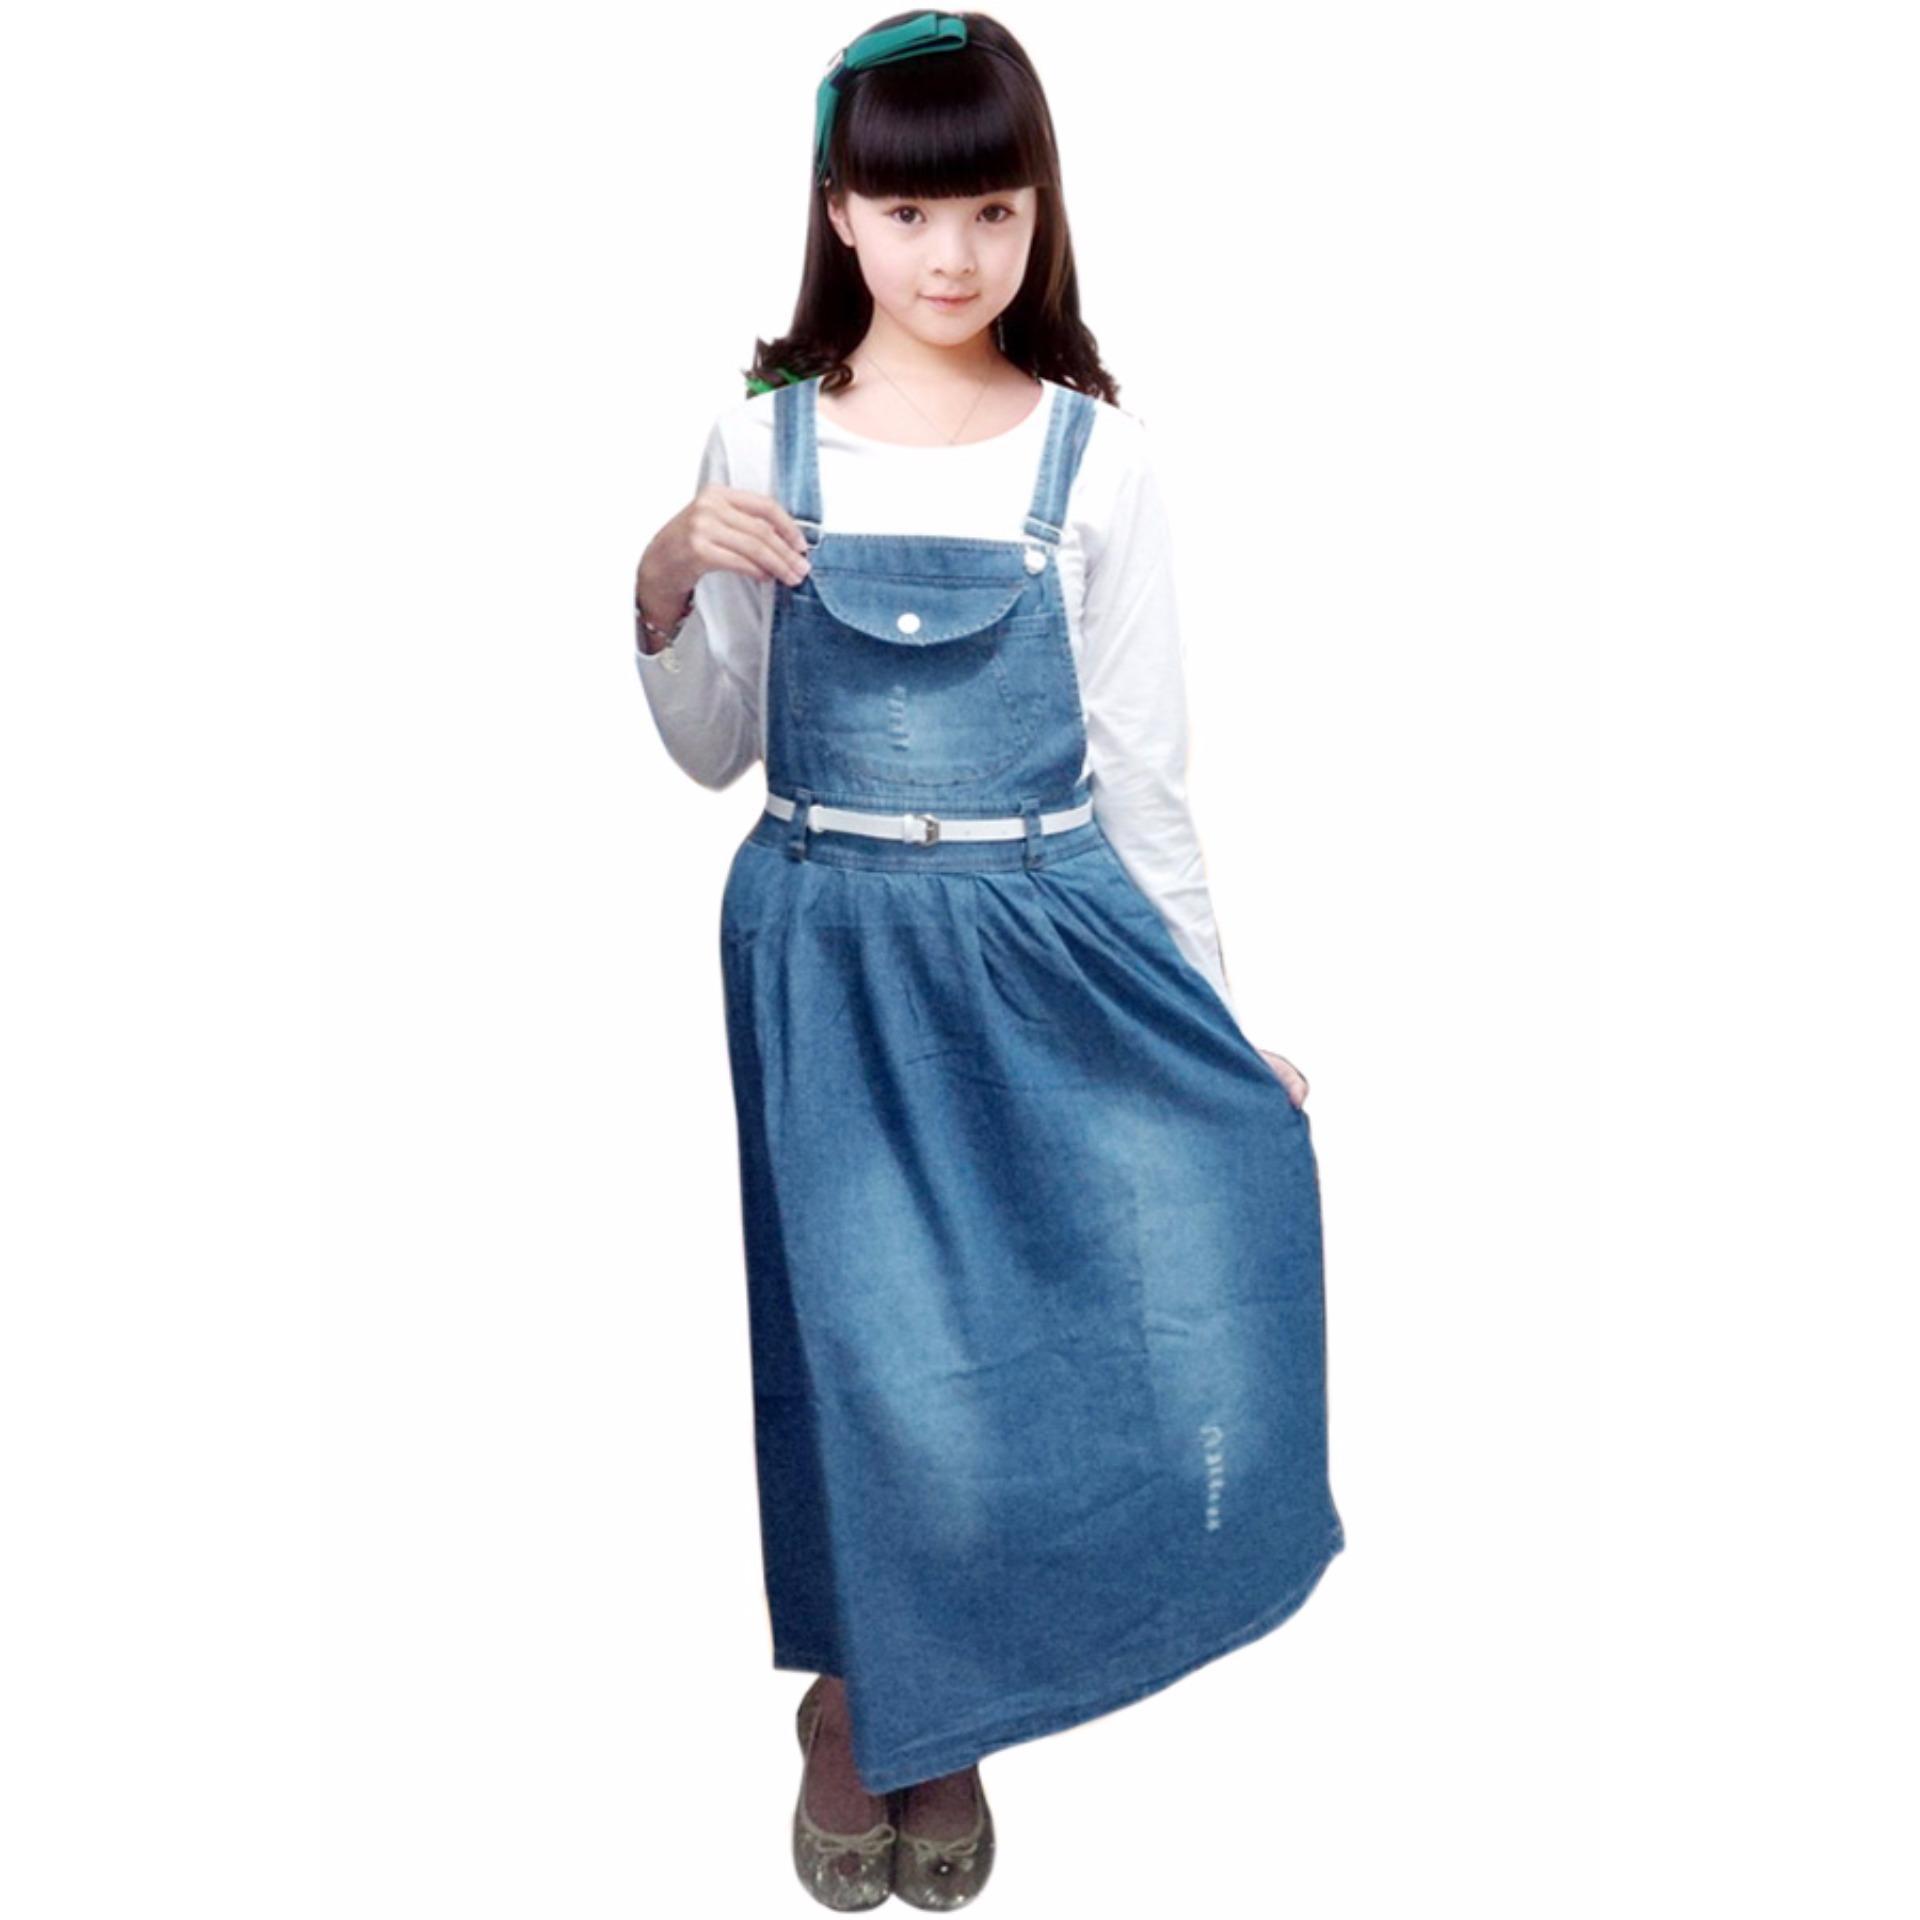 Bananana Plain Ripped Overall Skirt Blue Dki Jakarta Diskon